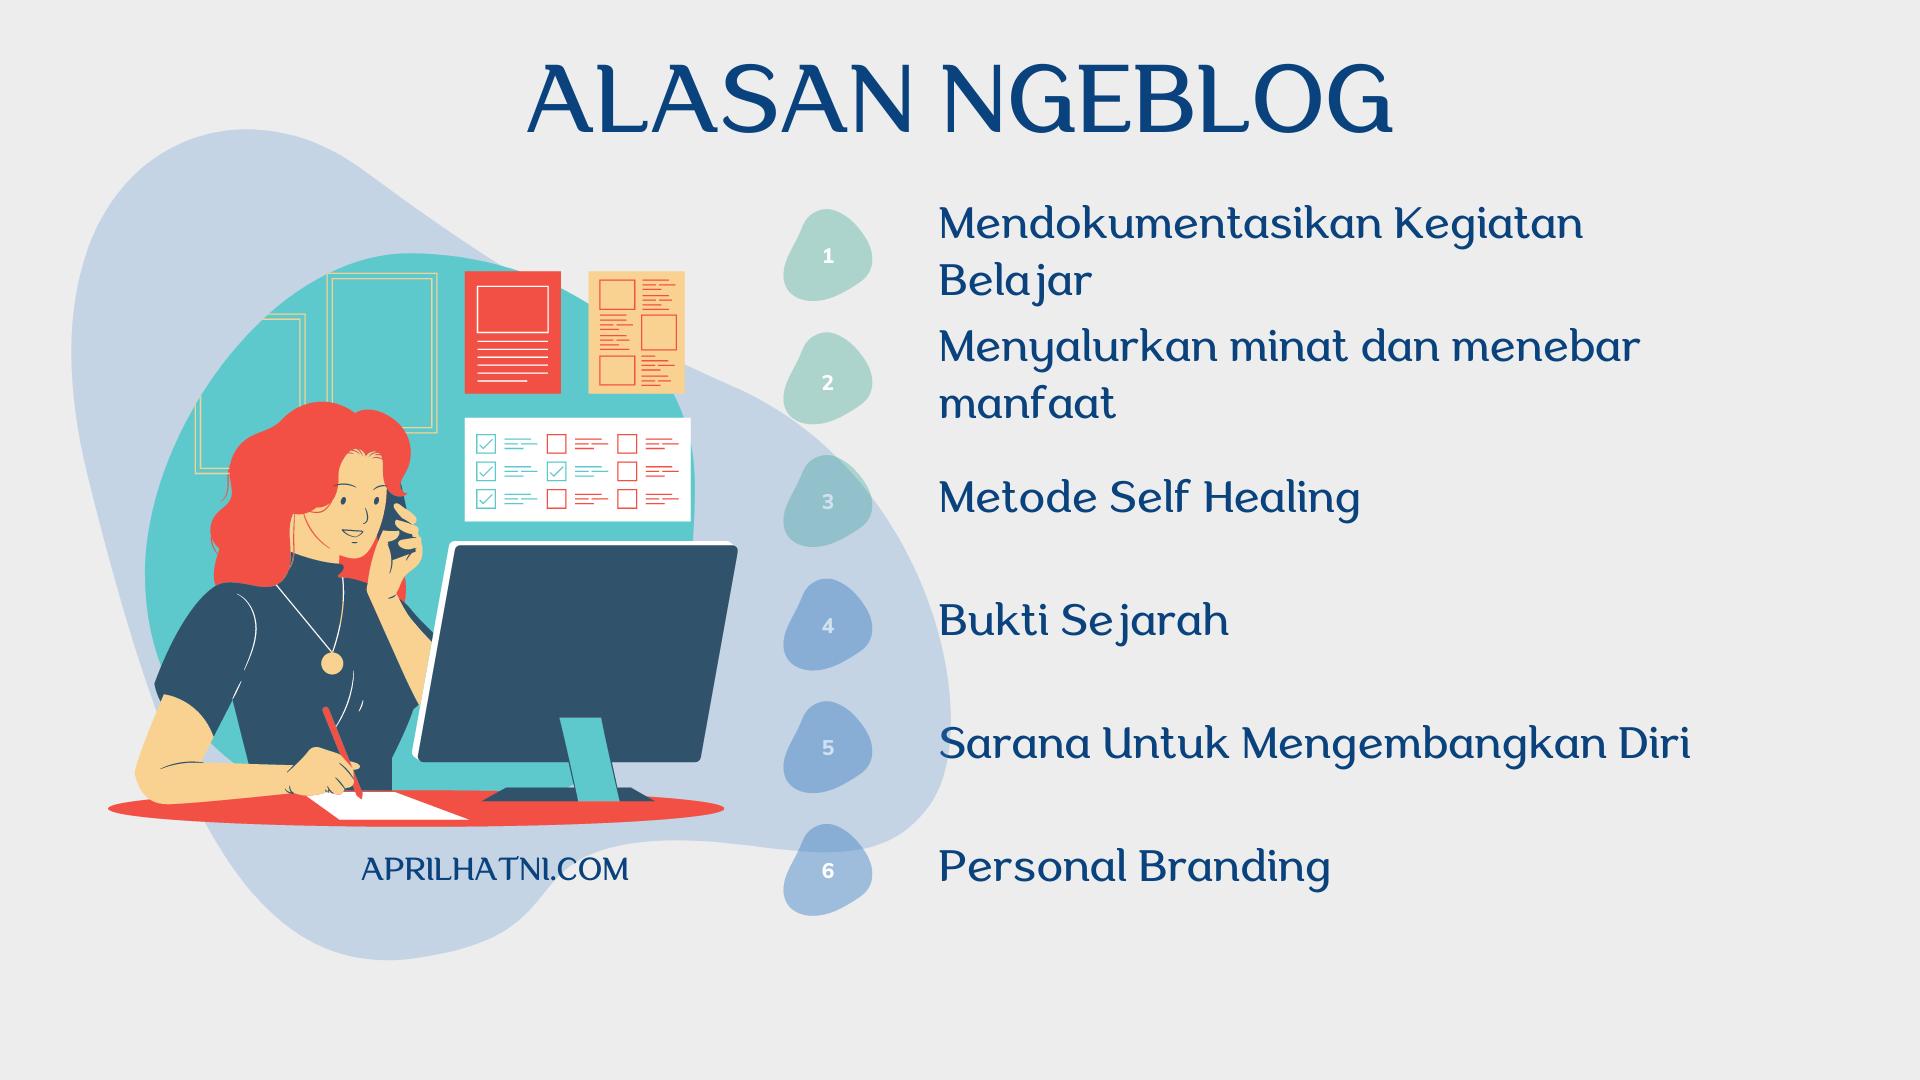 apa alasan ngeblog